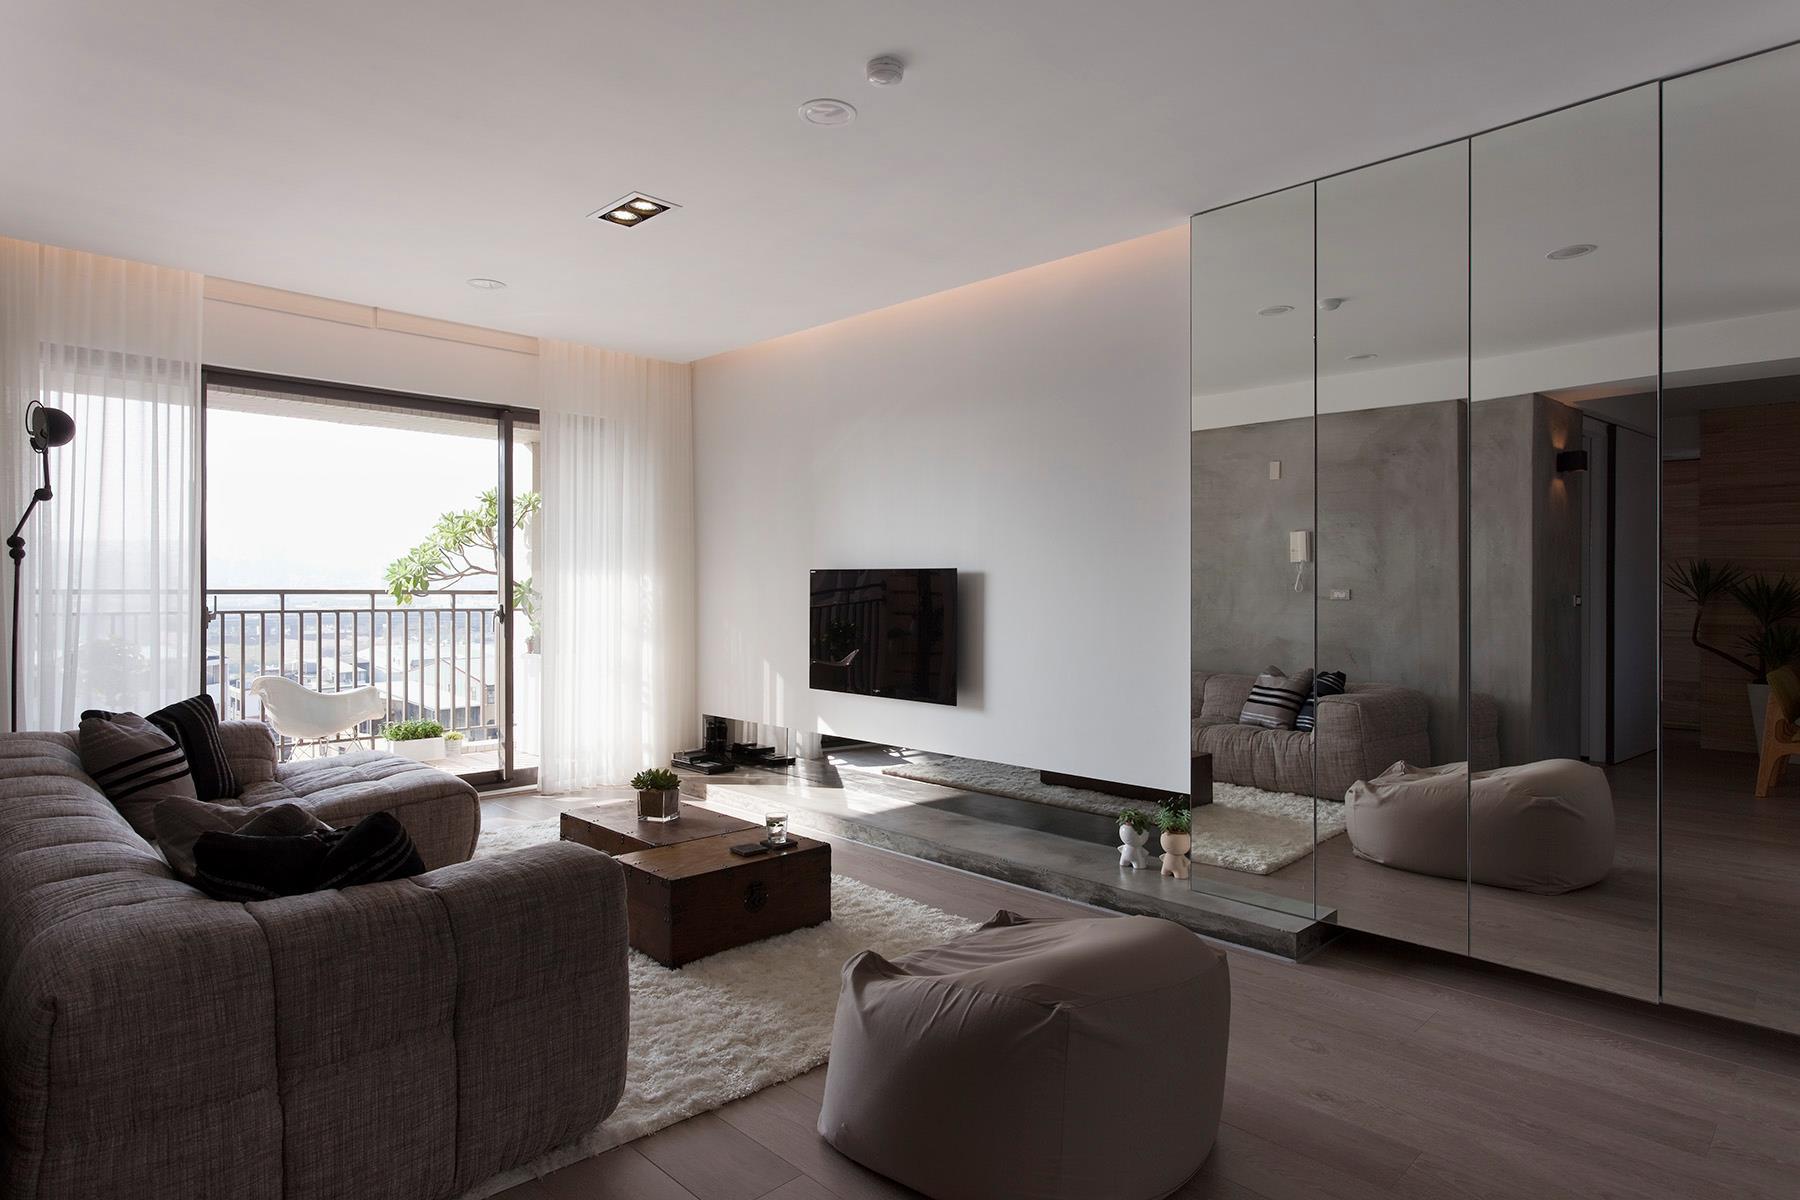 Specchi e tappeti per arredare casa